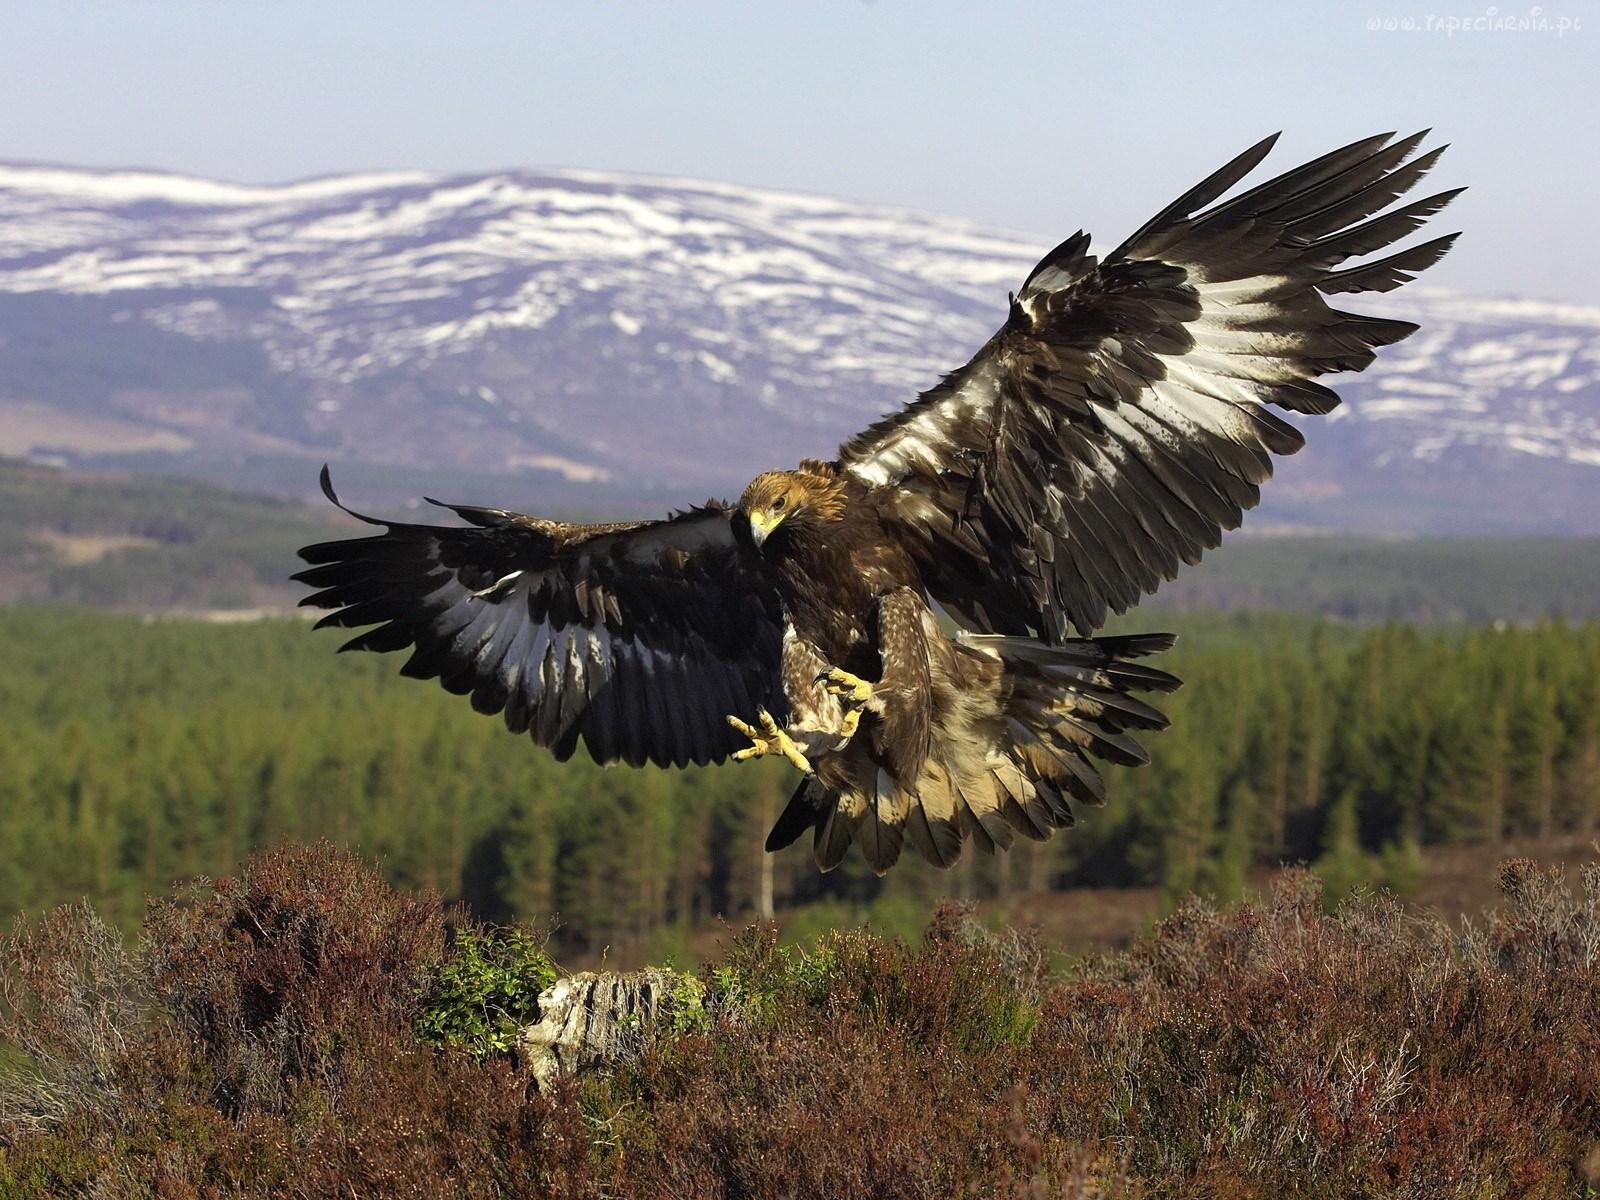 Kazakh Symbol Golden Eagle Is Critically Endangered